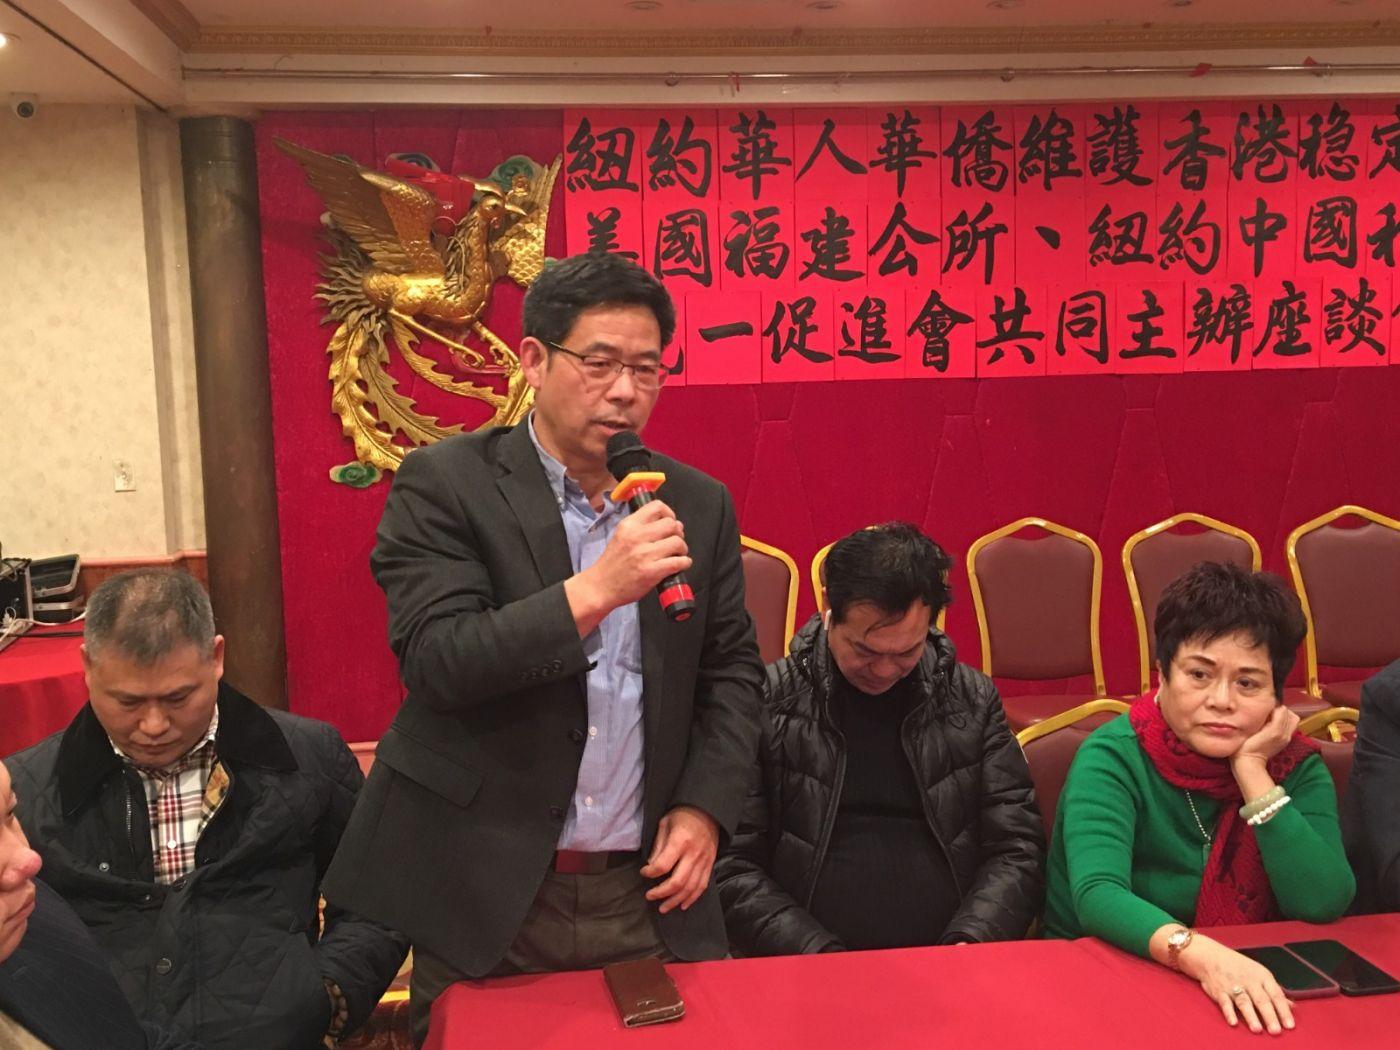 紐約華人華僑維護香港穩定繁榮座談會在紐約舉行_图1-15